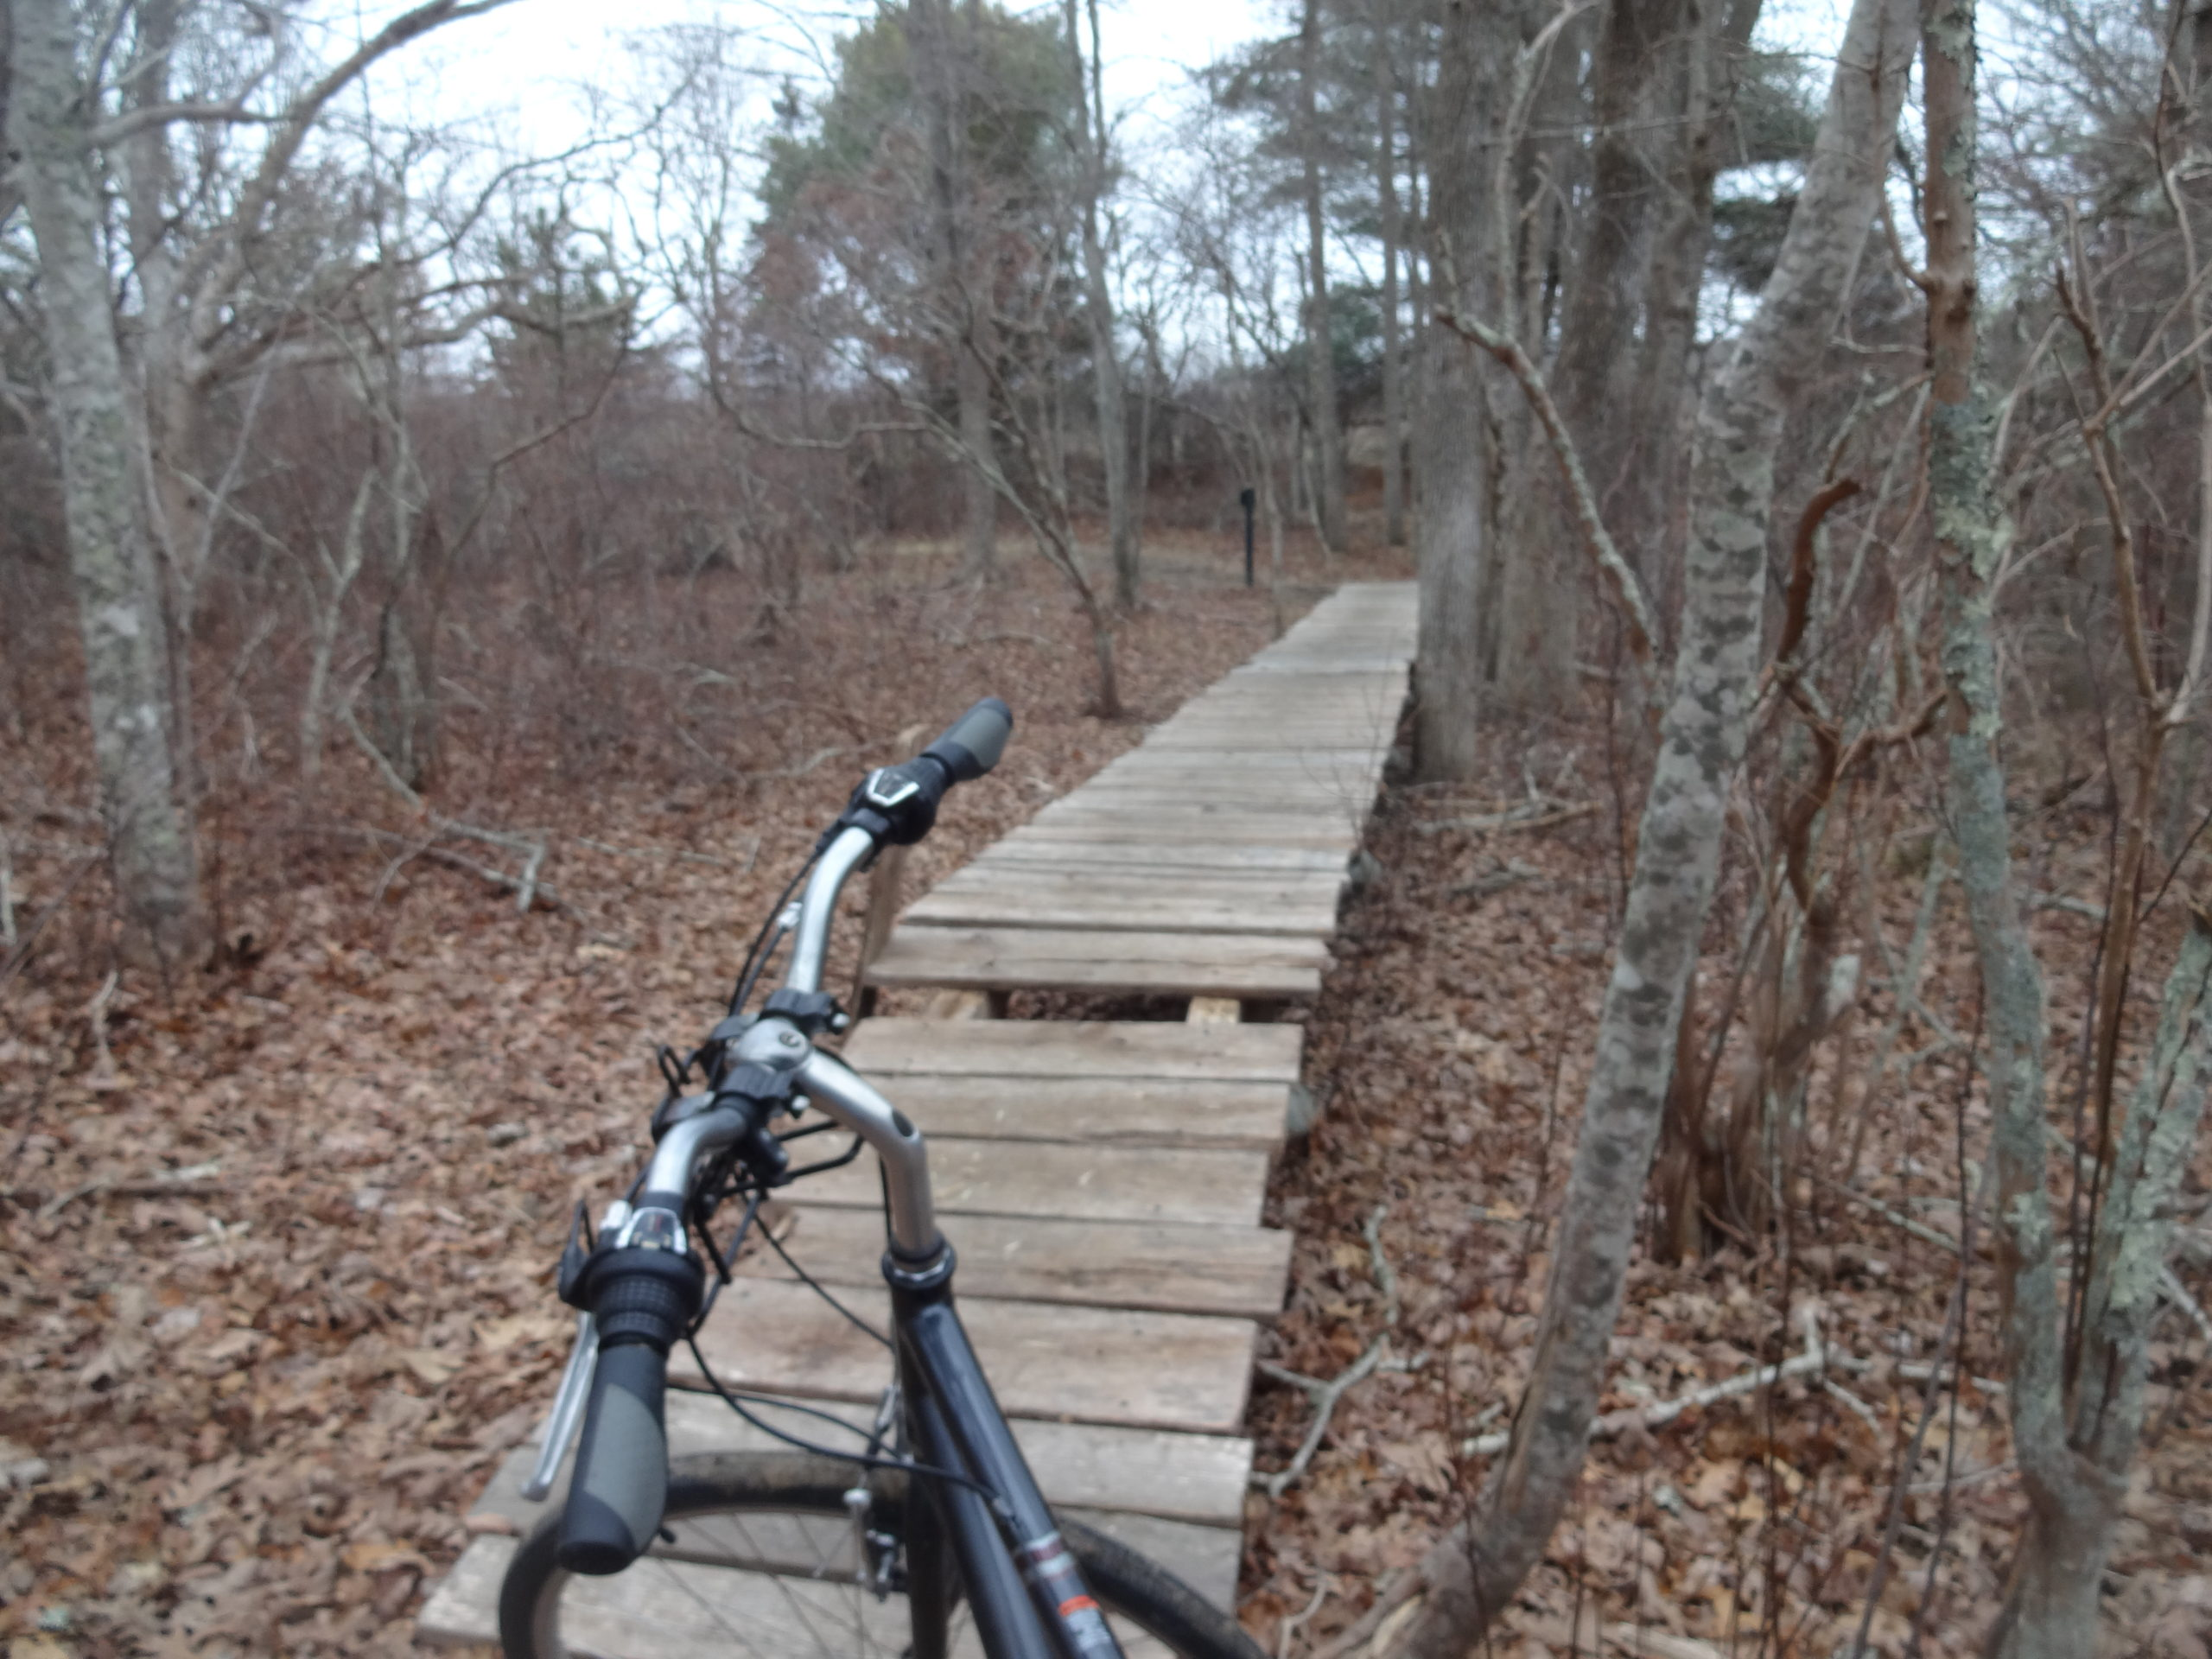 Boardwalk and Bike